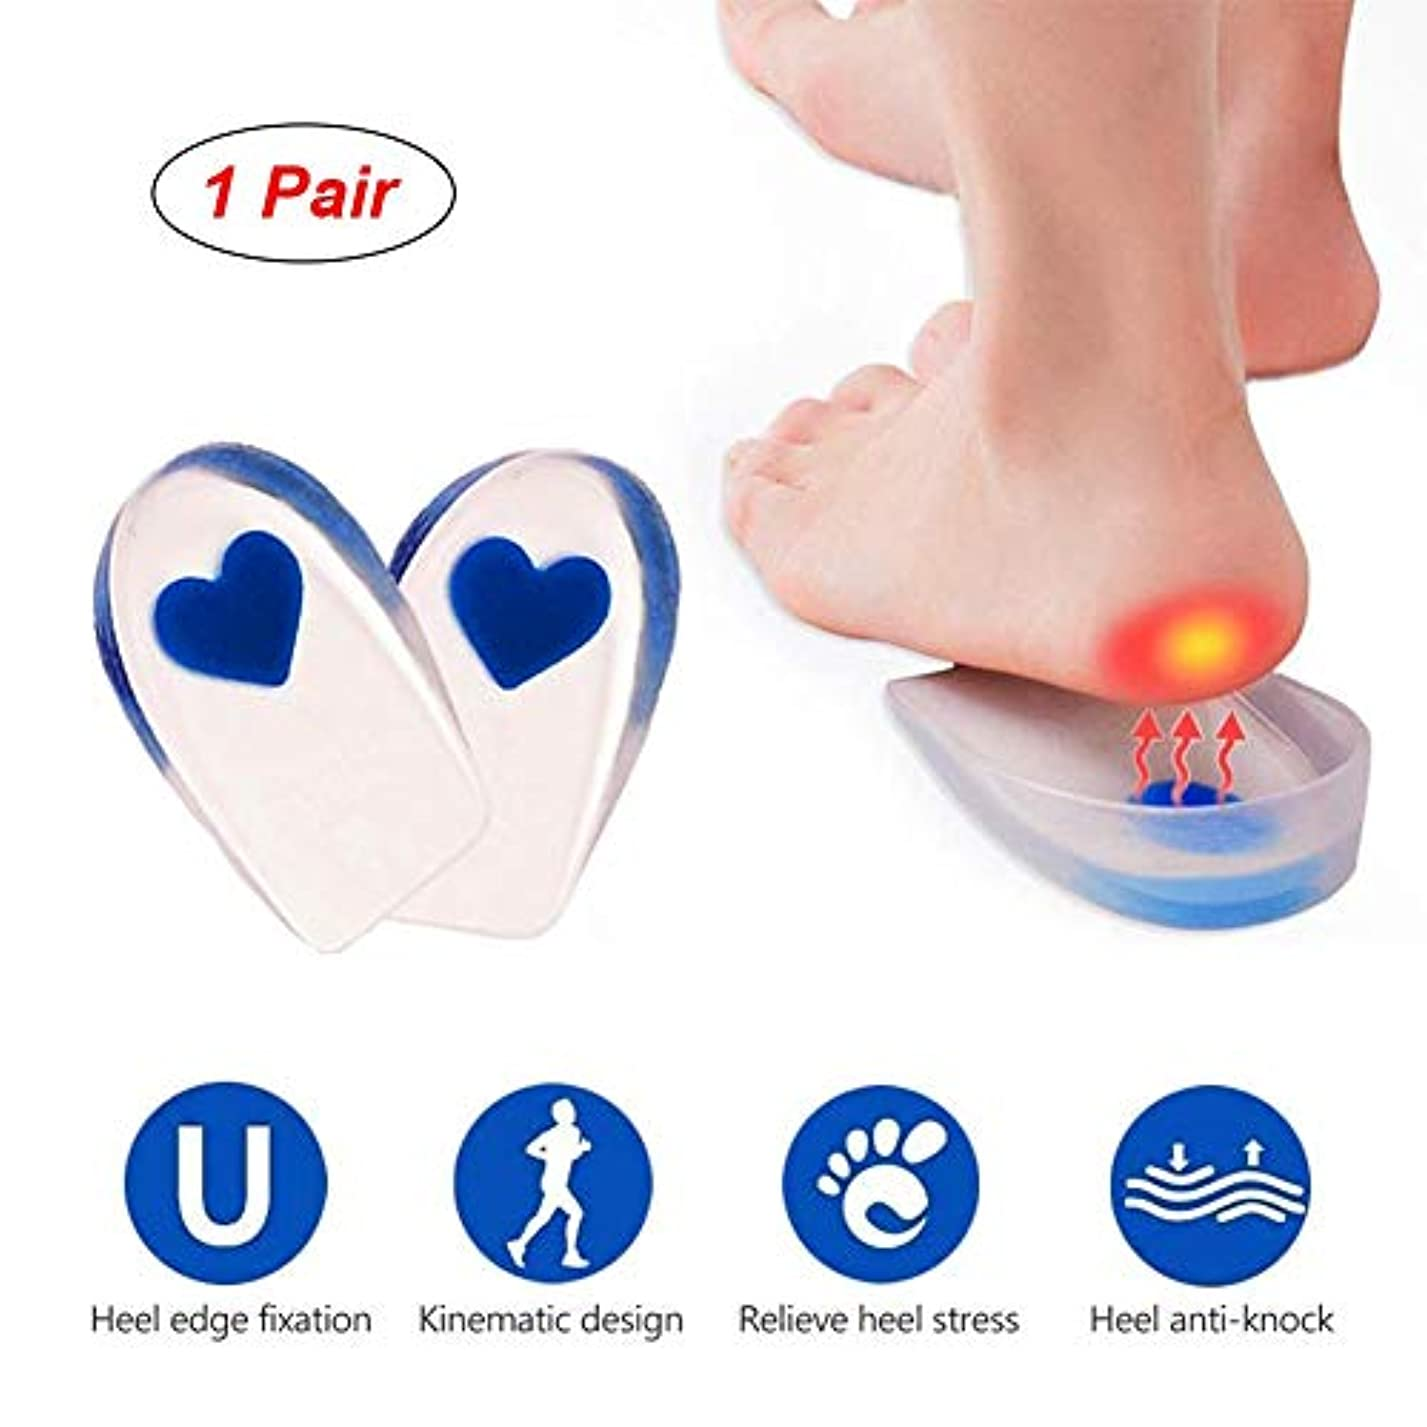 苦悩そう乱暴なジェルヒールカップ、足底筋膜炎用のシリコンヒールカップパッド、ヒールの痛みとアキレスの痛み、ジェルヒールカップとクッション吸収サポート(1ペア)Small-Blue